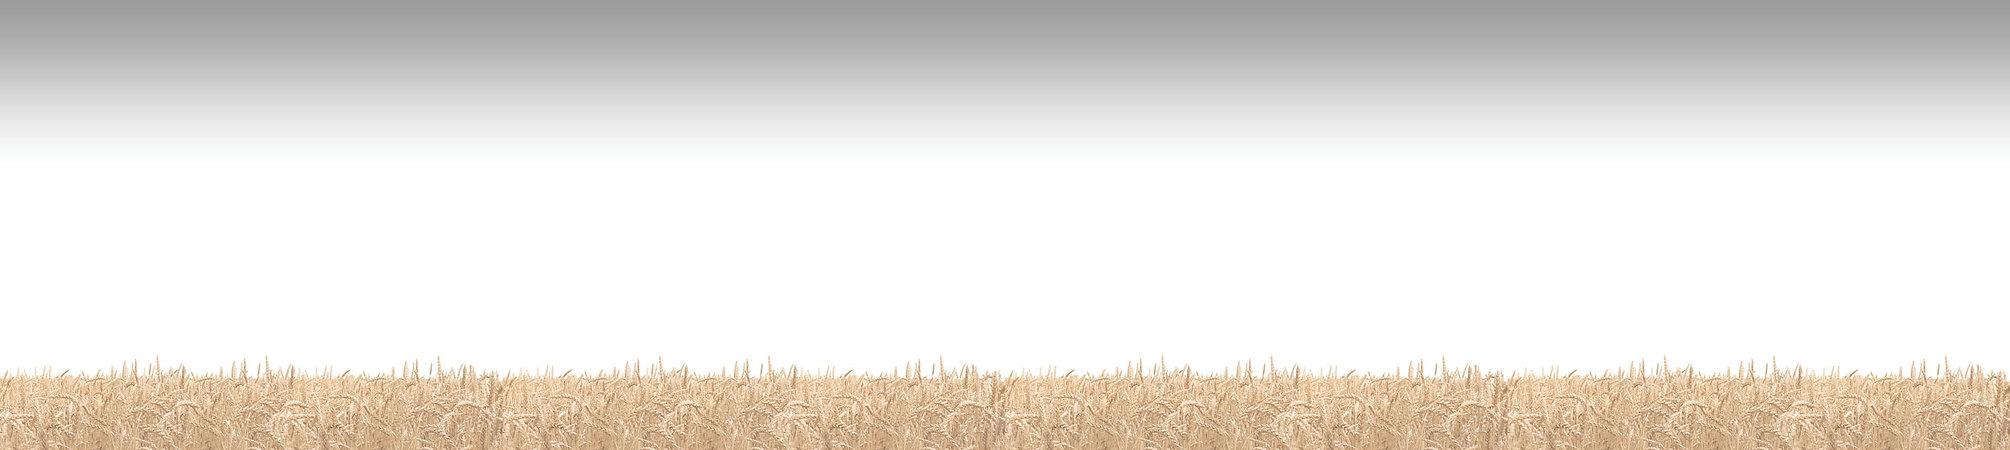 ооо до-рус, до-рус, ооо дорус, мука оптом, мука цена, мука купить, мука пшеничная, мука высший сорт, мука 1 сорт